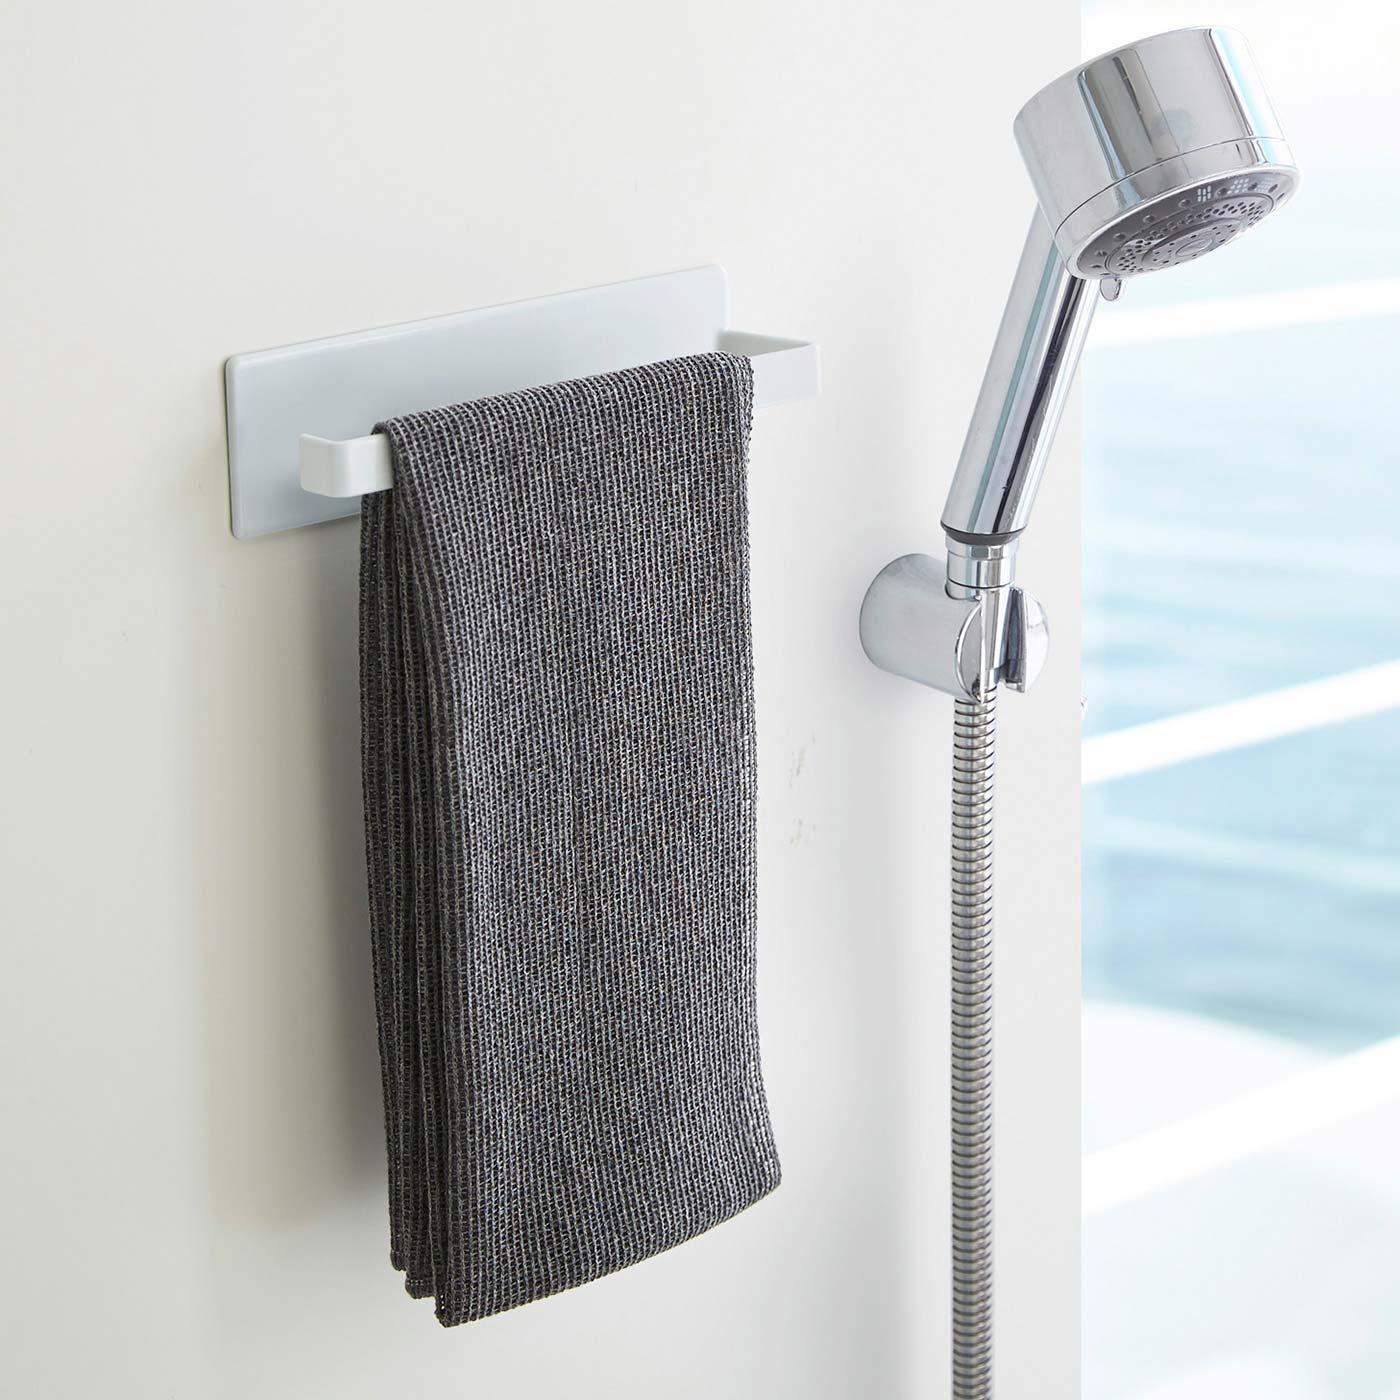 マグネットで壁面に簡単に取り付けられます。